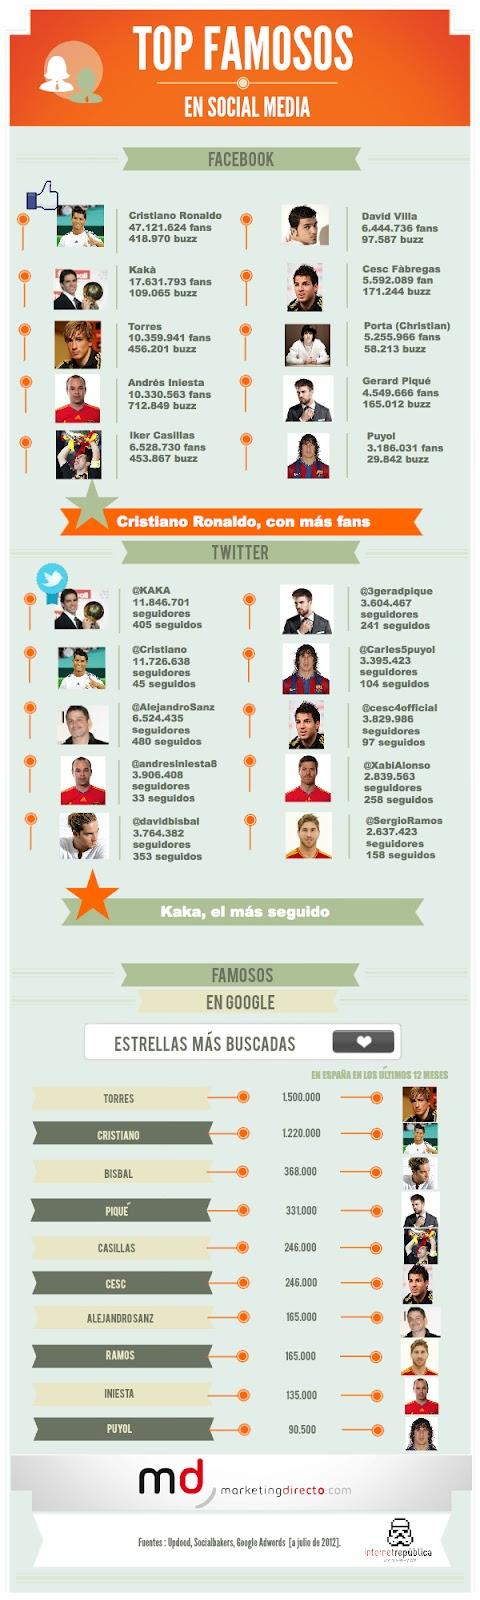 Los 10 famosos más seguidos en españa